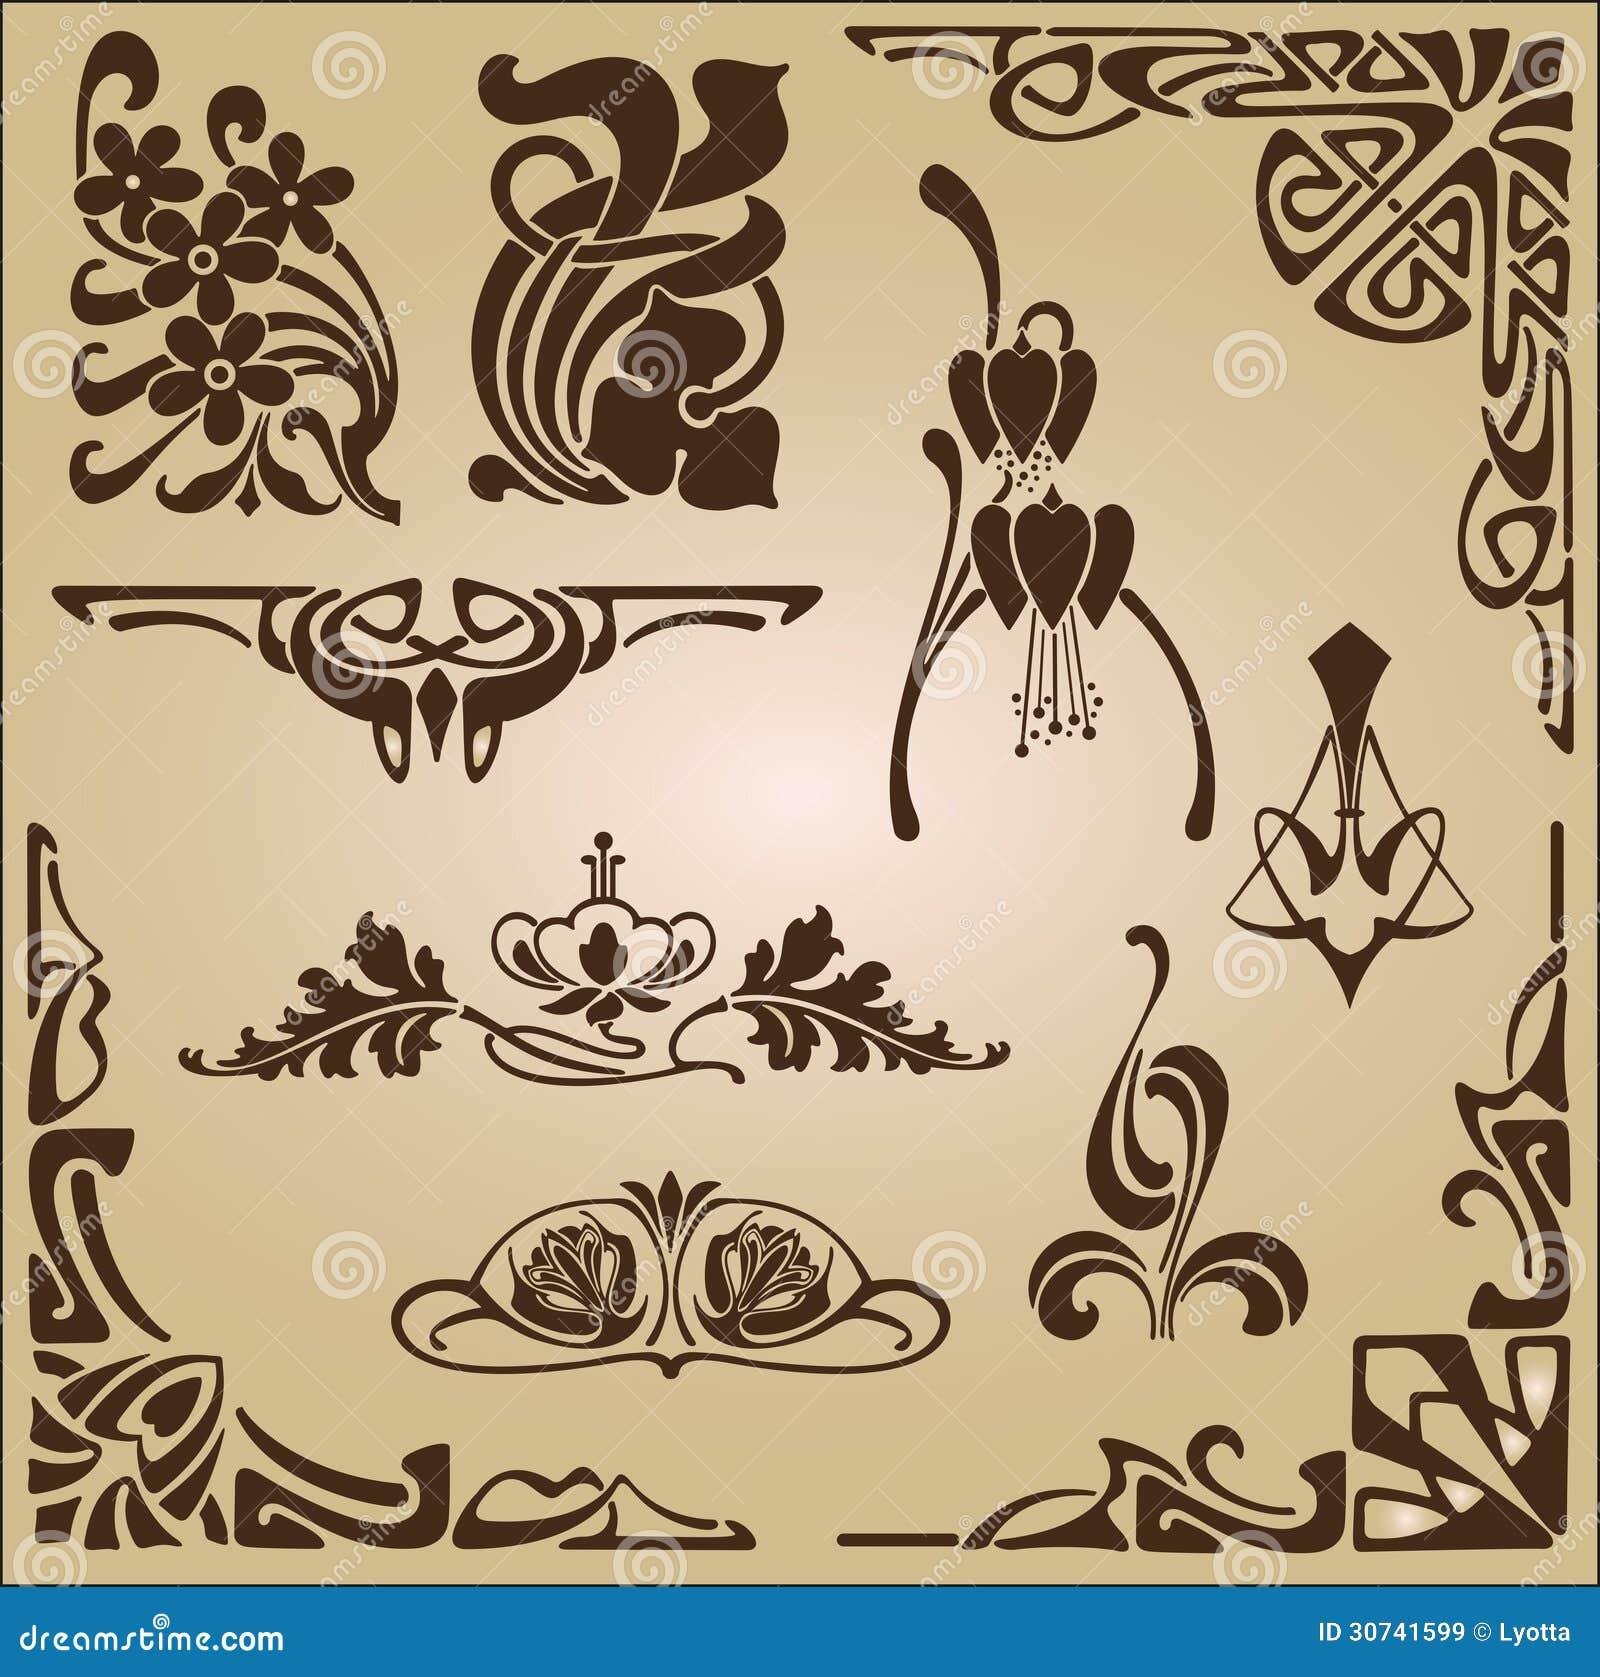 Art nouveau elements and corners design ornament stock for Art nouveau decoration ameublement